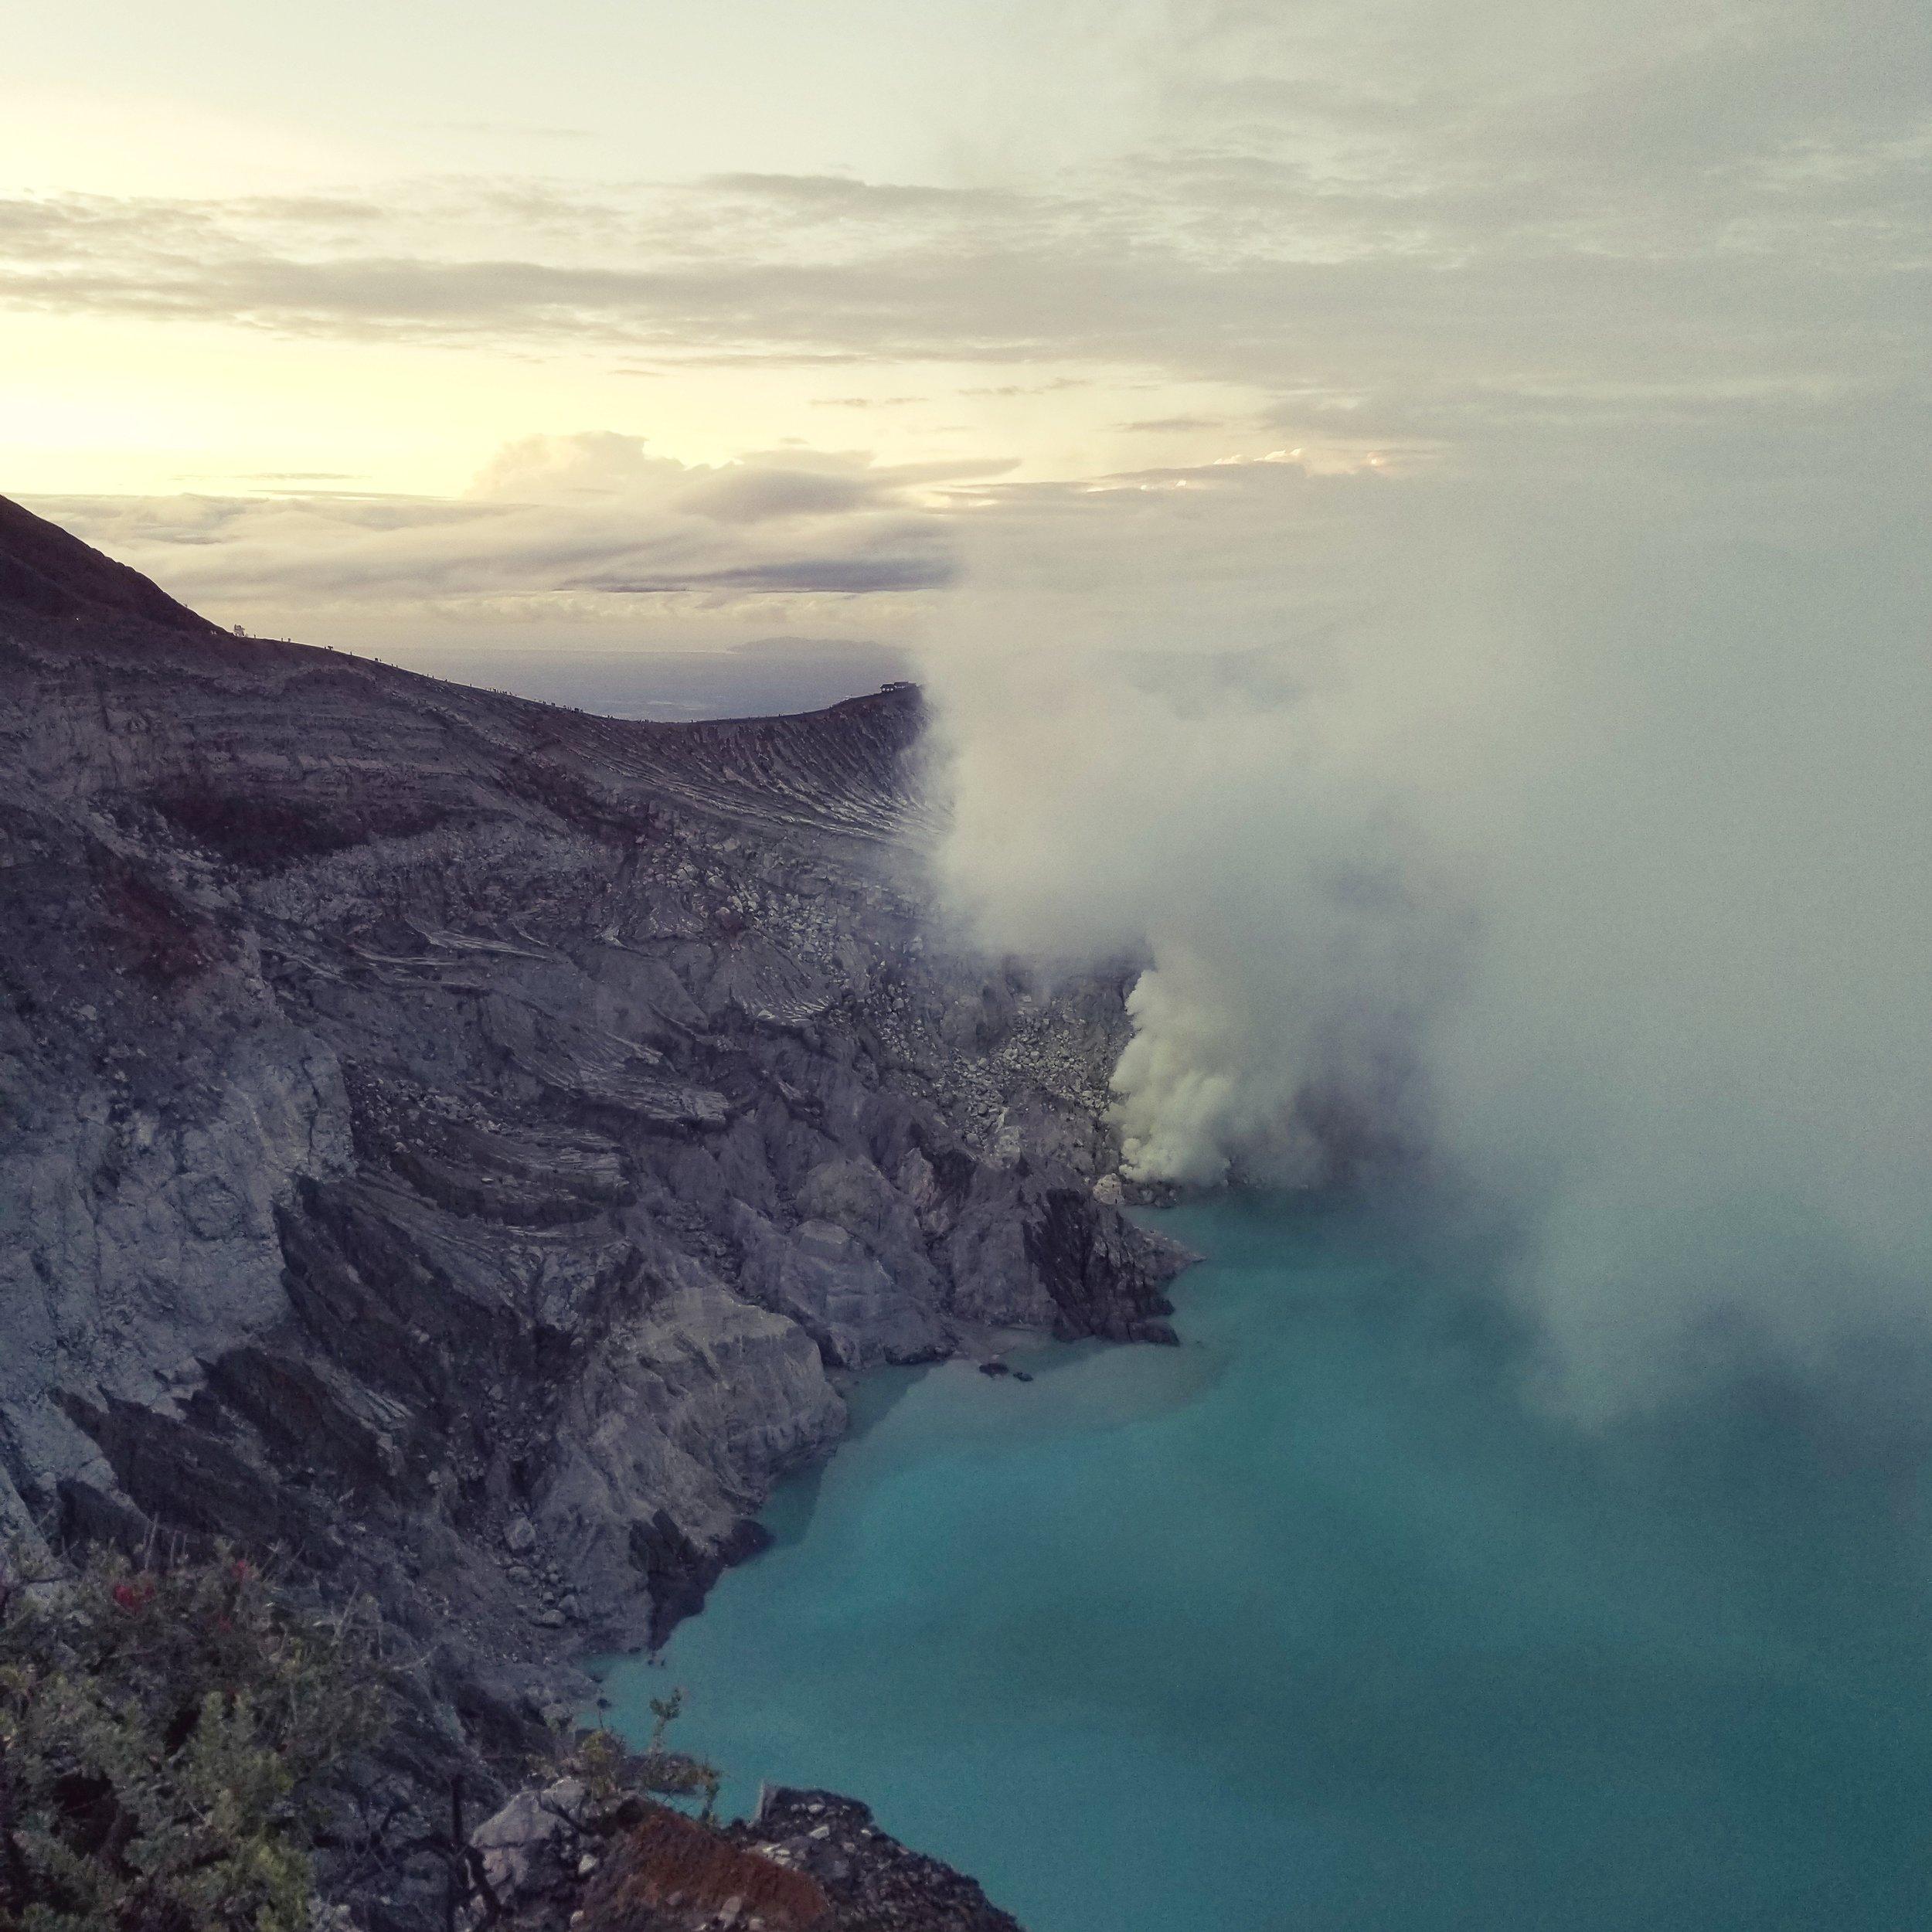 Mt. Ijen. East Java, Indonesia.